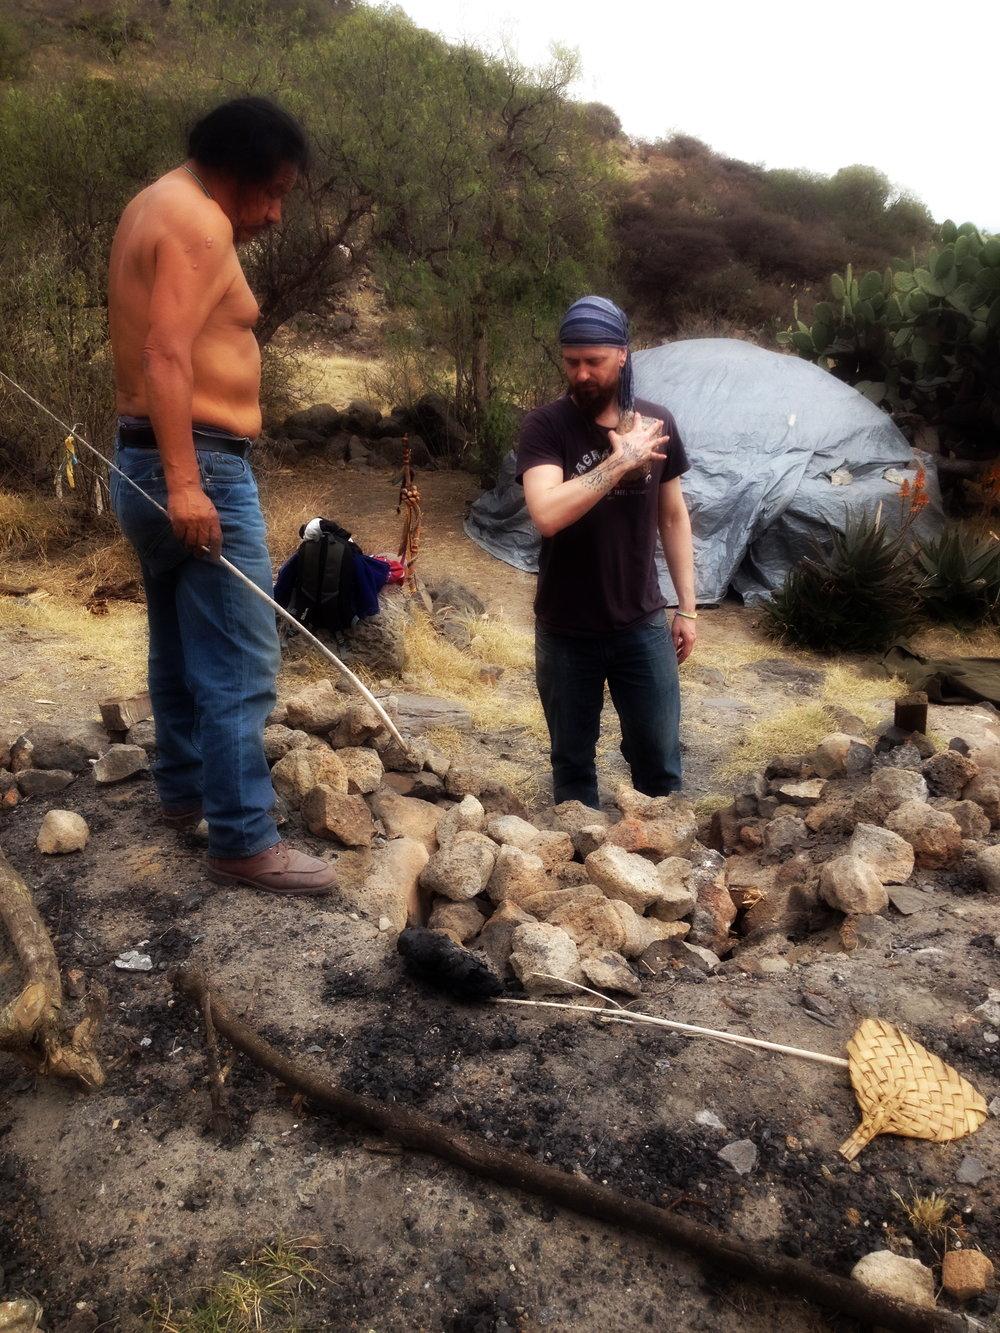 Osallistuimme N ahuatl -intiaanien näkymatka-rituaaliin Teotihuacán-vuorella (Meksiko). Proseduuriin kuului intiaanien saunan (Temazcal)lämmittäminen, rituaalivälineiden valmistelu, rituaalinen saunominen, yöpyminen vuoren rinteella, ja seuraavana päivänä istumaan vuorelle kolmeksi päiväksi. Ei ruokaa, ei juomaa. Uuuuuuh. Ei suositella kaikille. Lisää  kuvia galleriassa .